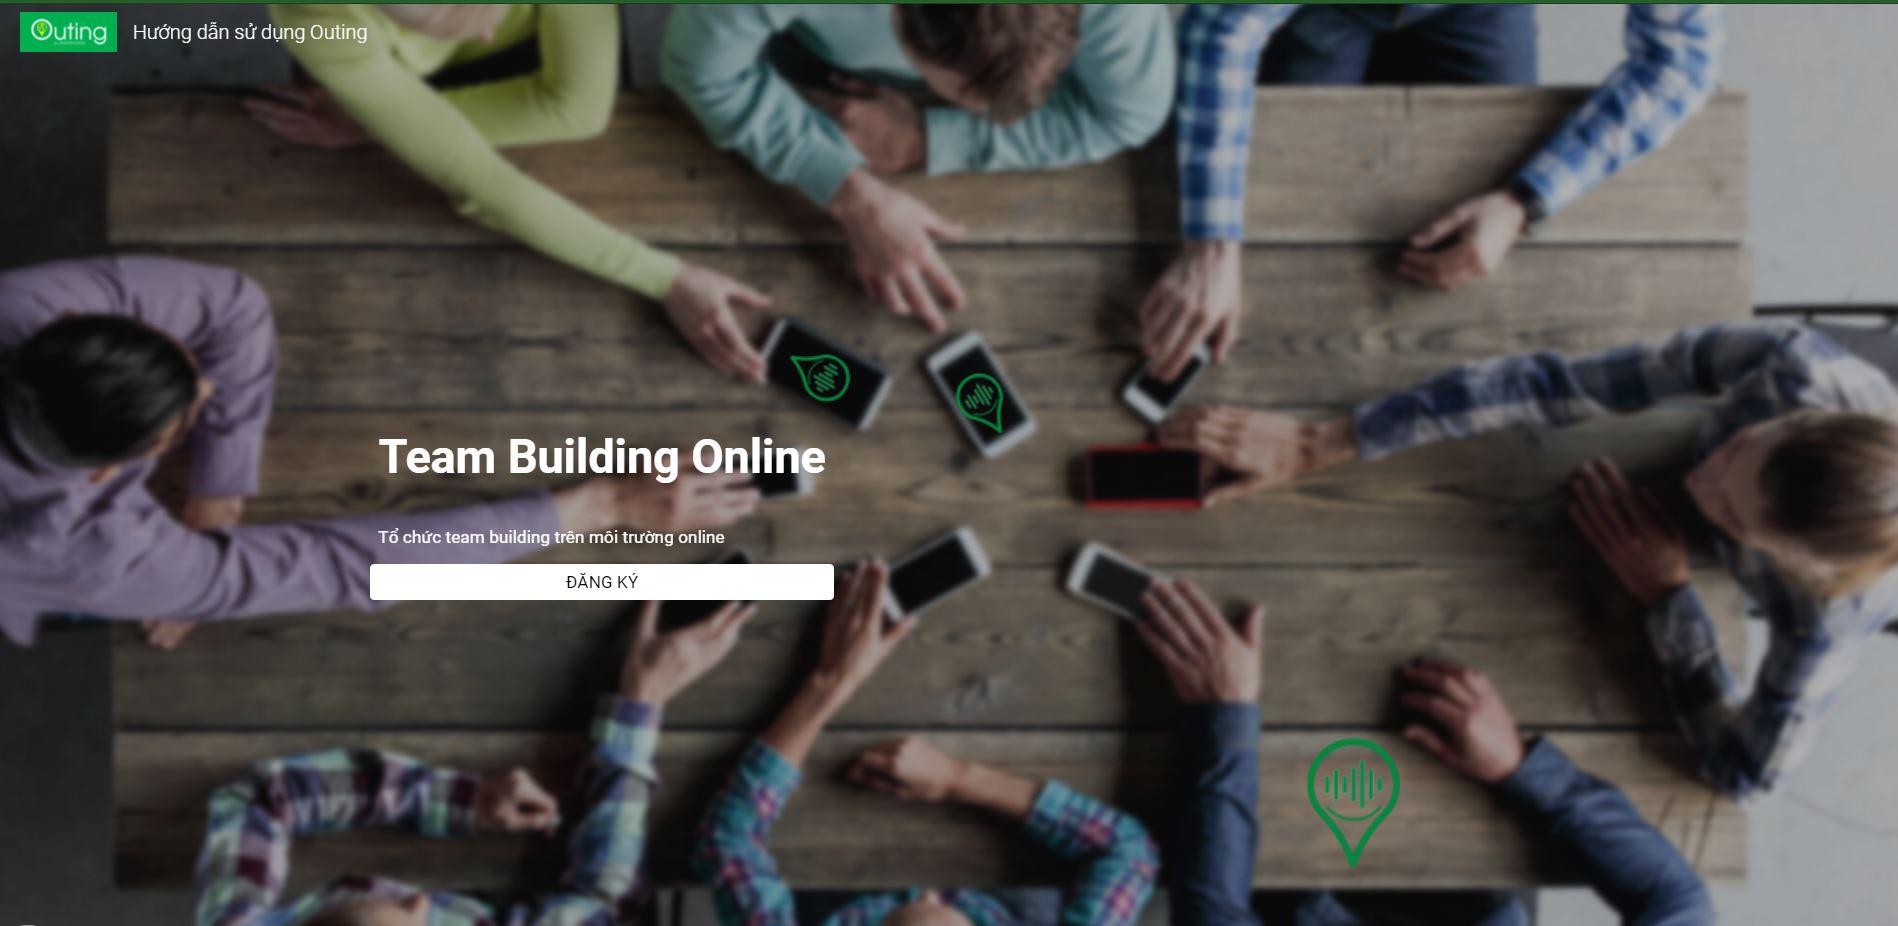 Giải pháp tổ chức team building online